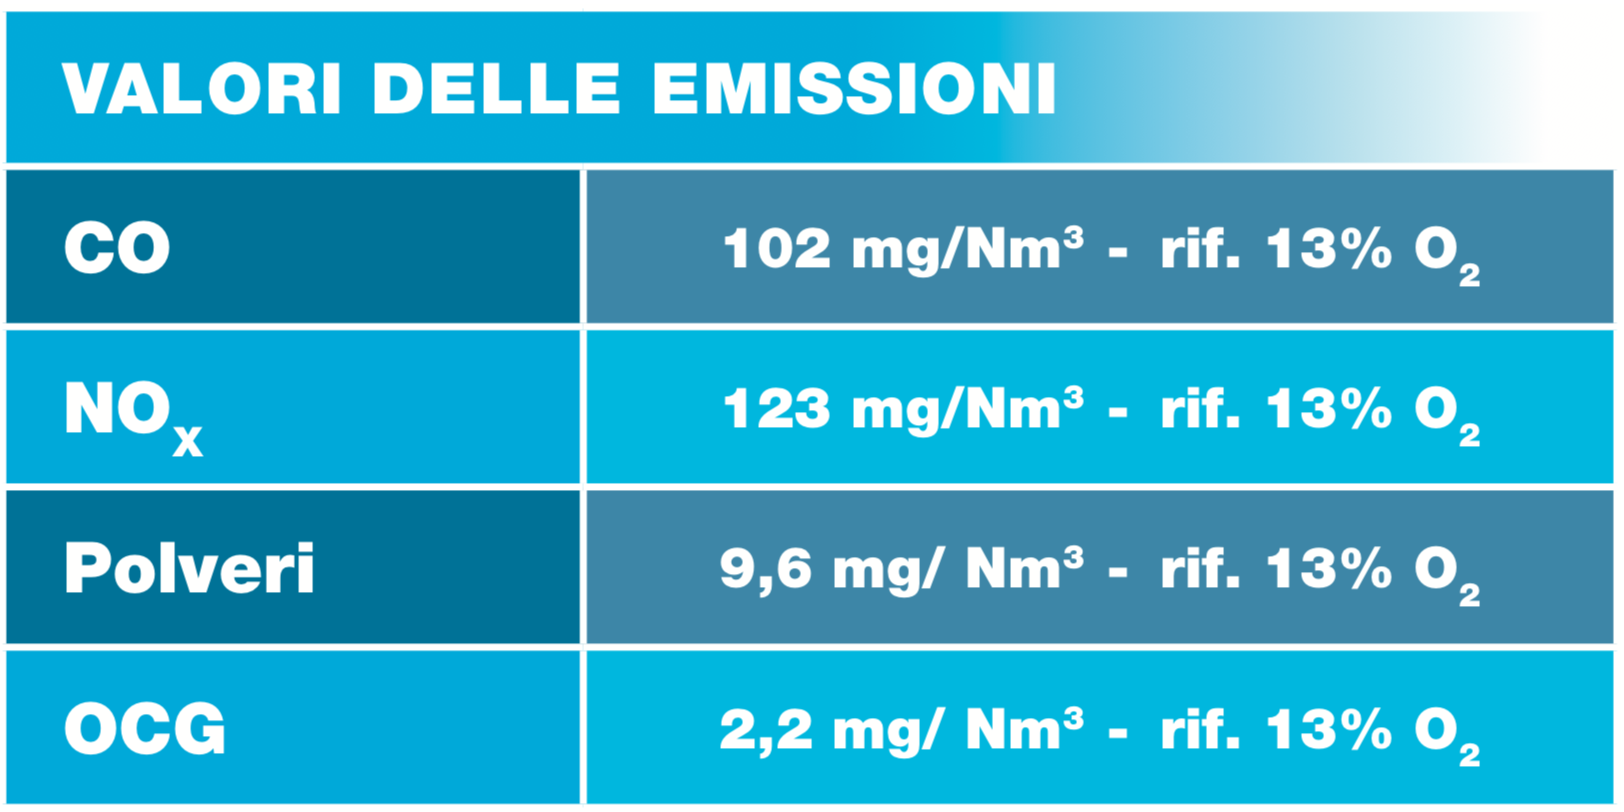 tabella emissioni it